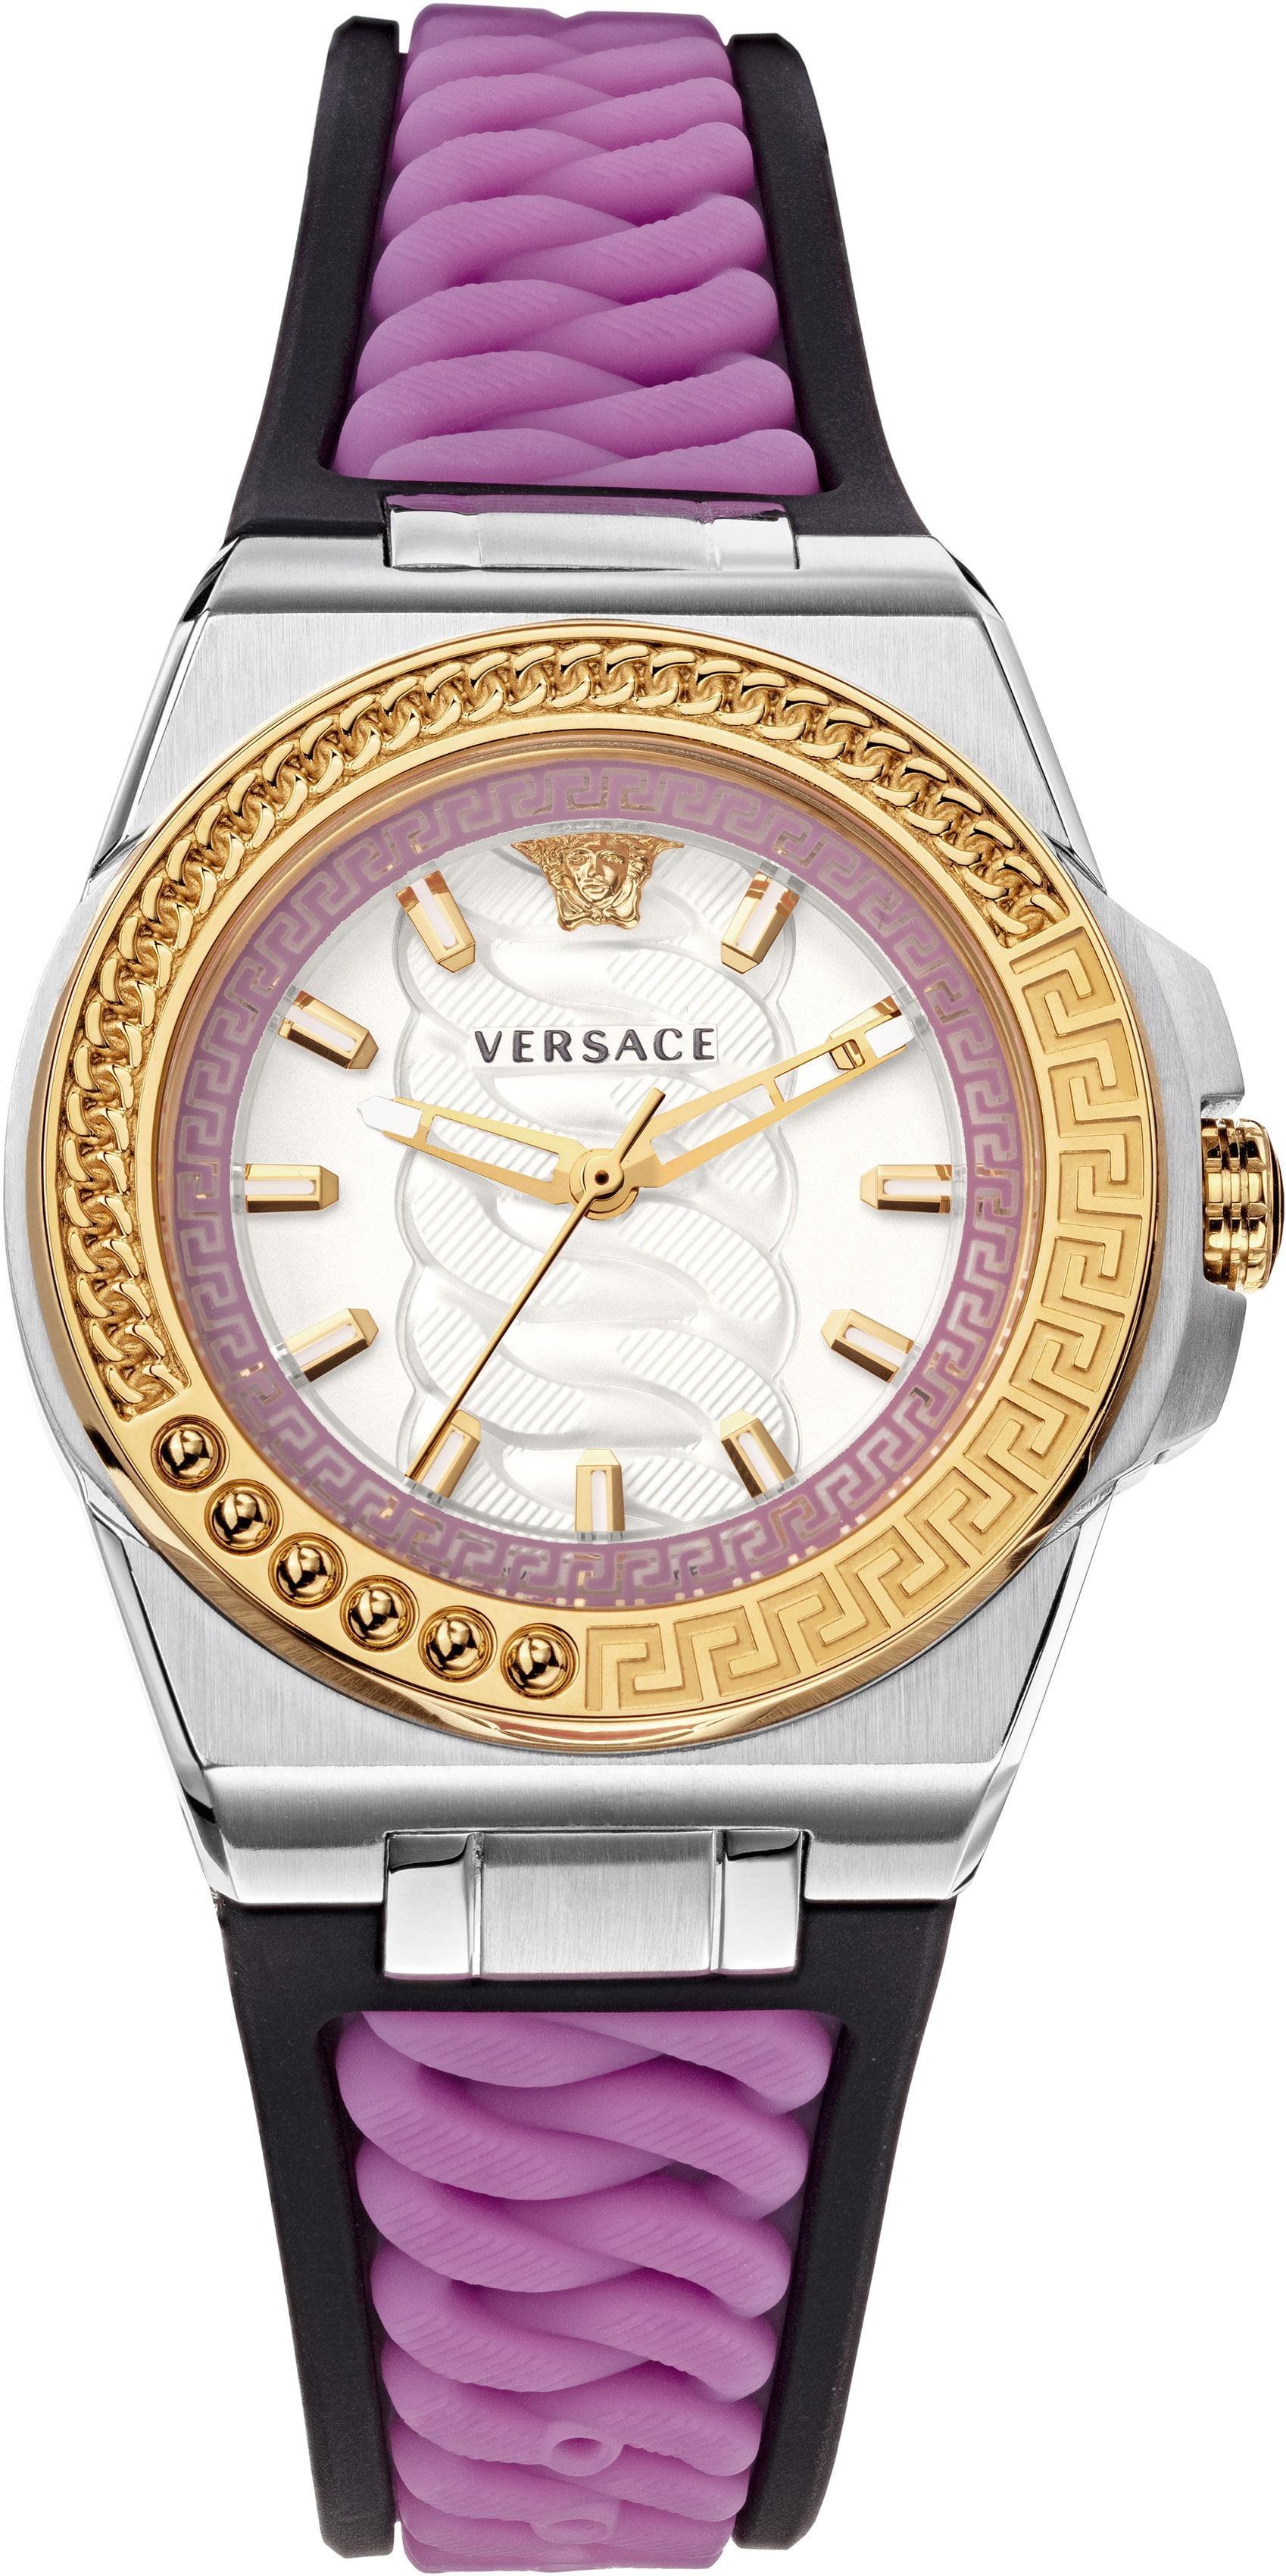 Versace Schweizer Uhr Chain Reaction, VEHD00220   Uhren > Schweizer Uhren   Versace